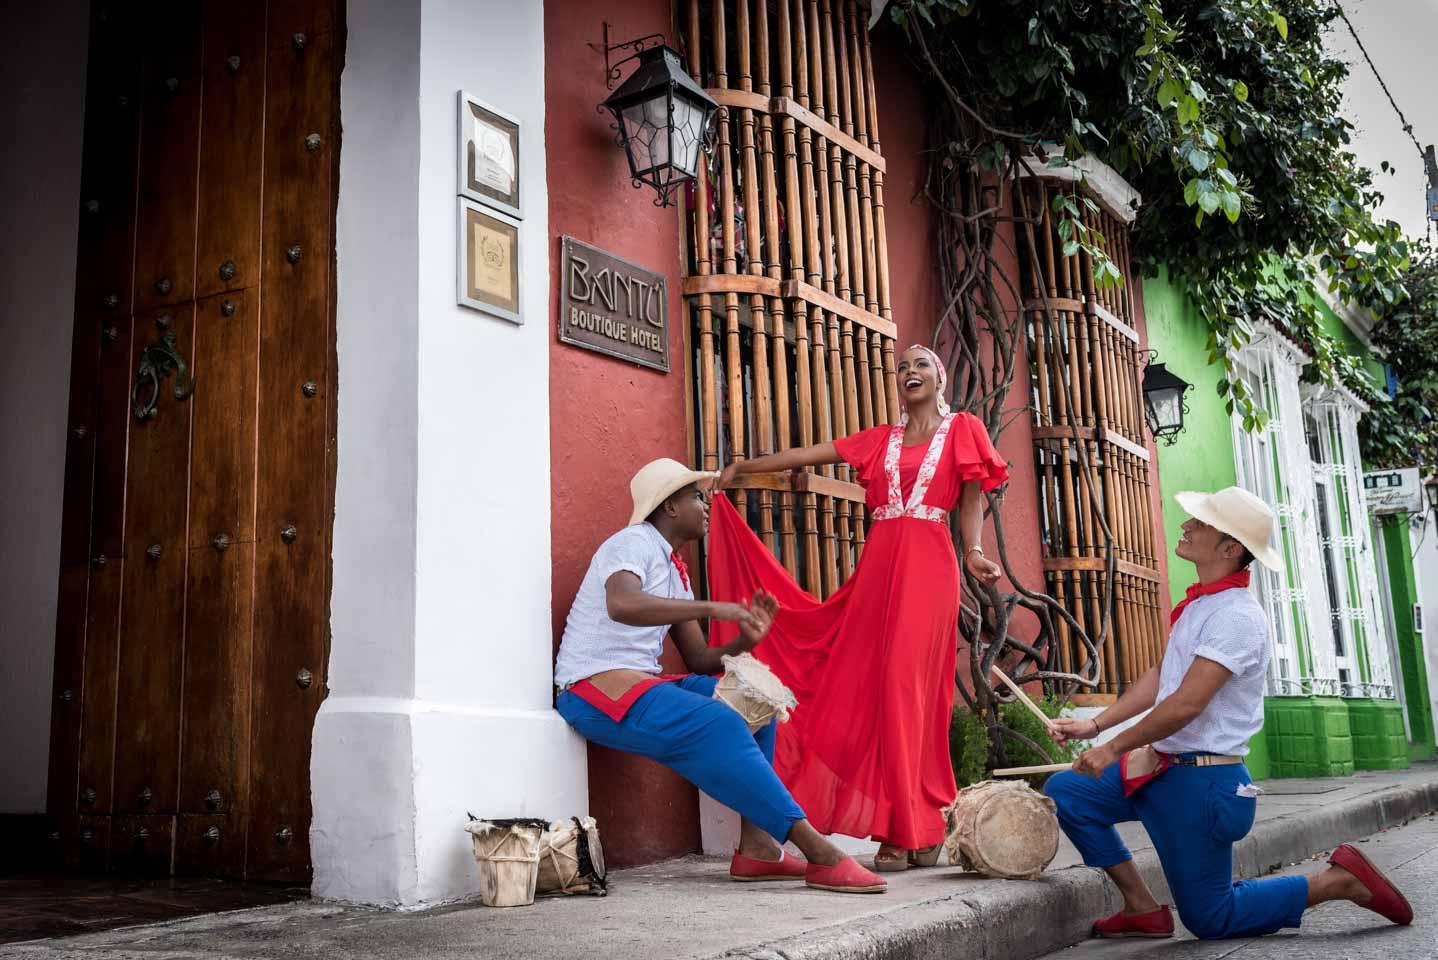 FOTOGRAFIA DE PUBLICITARIA EN CARTAGENA COLOMBIA